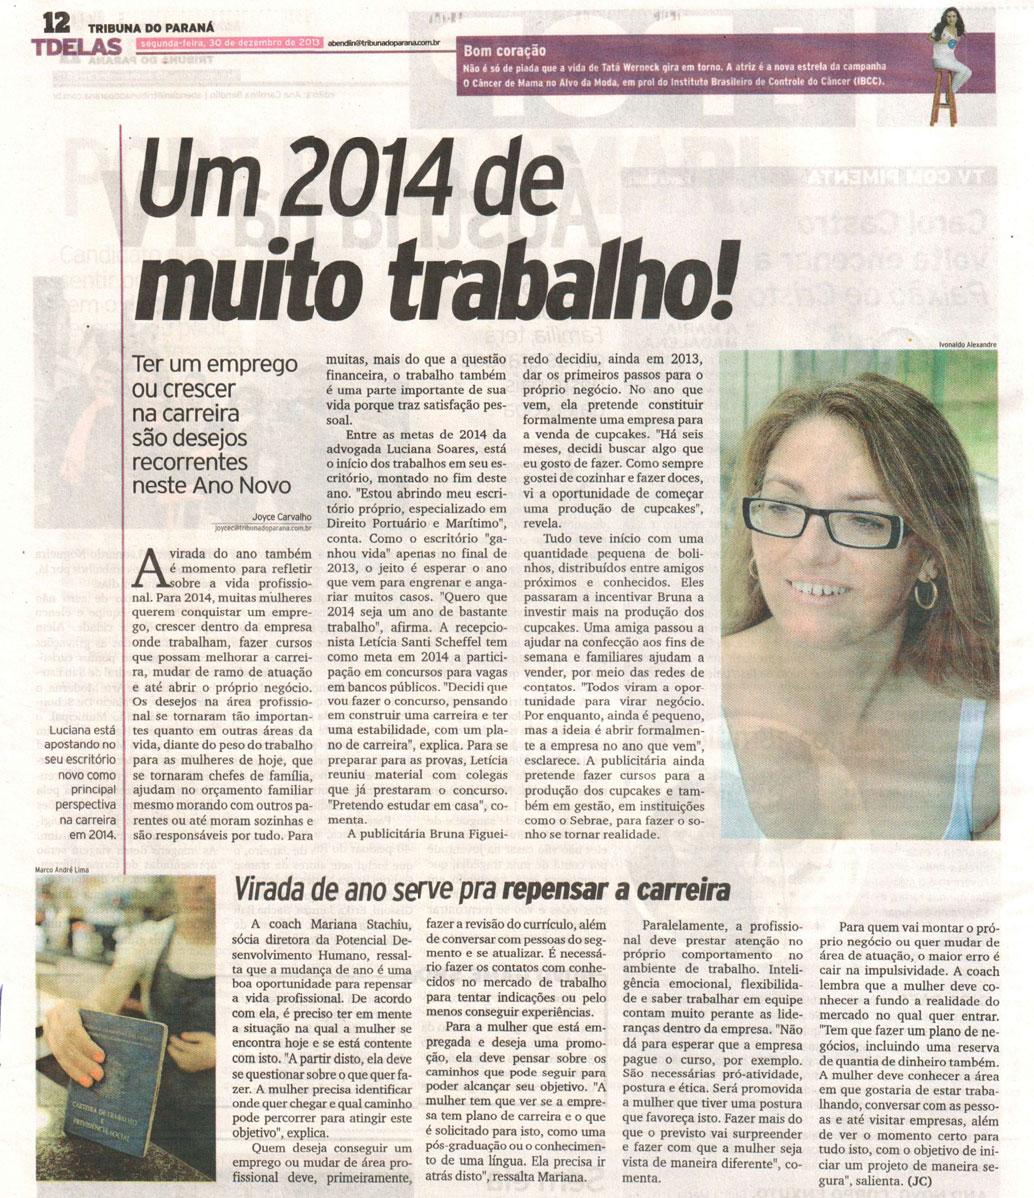 Imprensa | Tribuna do Paraná: Um 2014 de muito trabalho